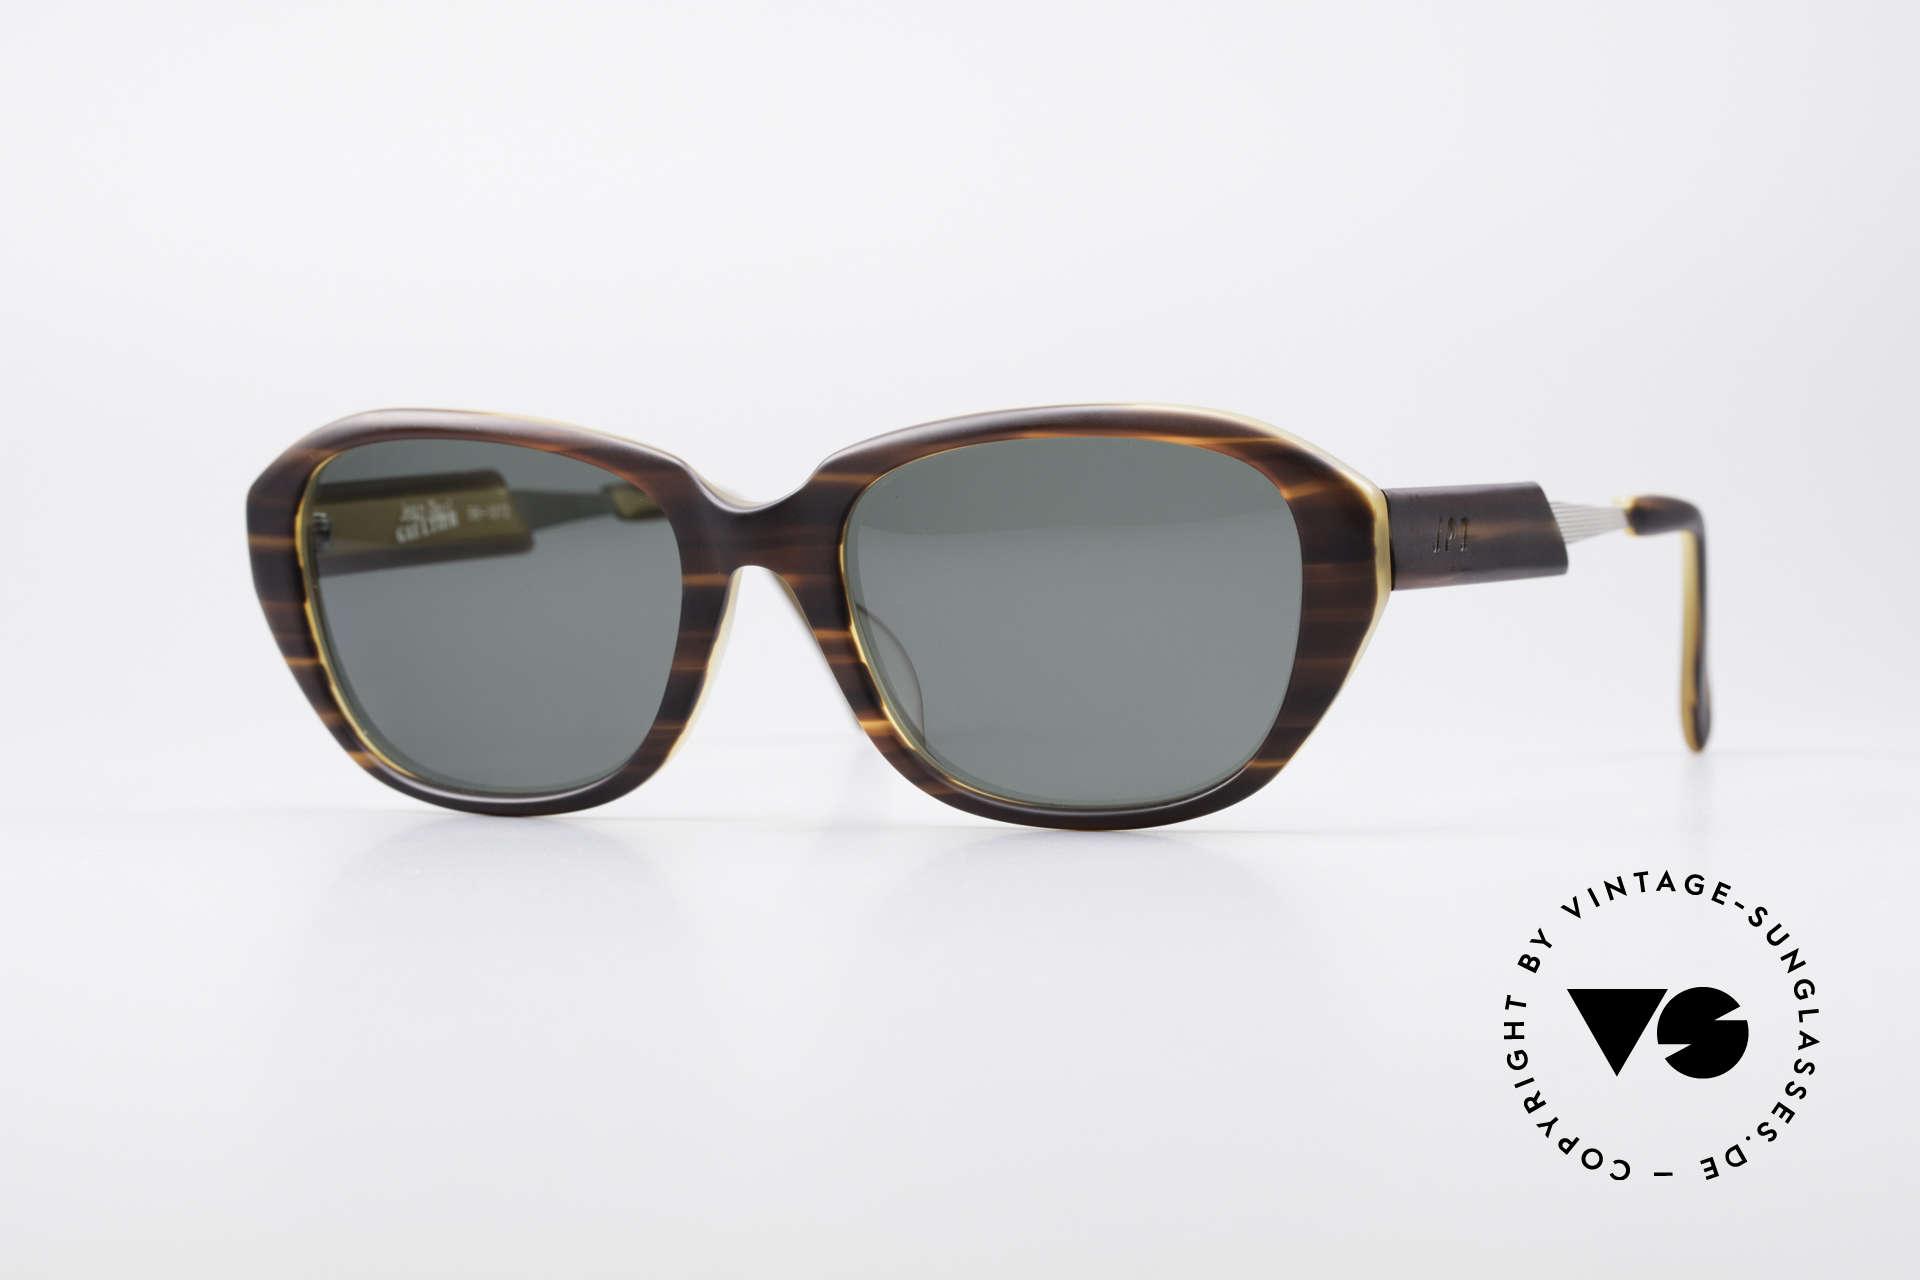 Jean Paul Gaultier 56-1072 90's Designer Sunglasses, 1990s vintage designer sunglasses by Jean P. Gaultier, Made for Men and Women